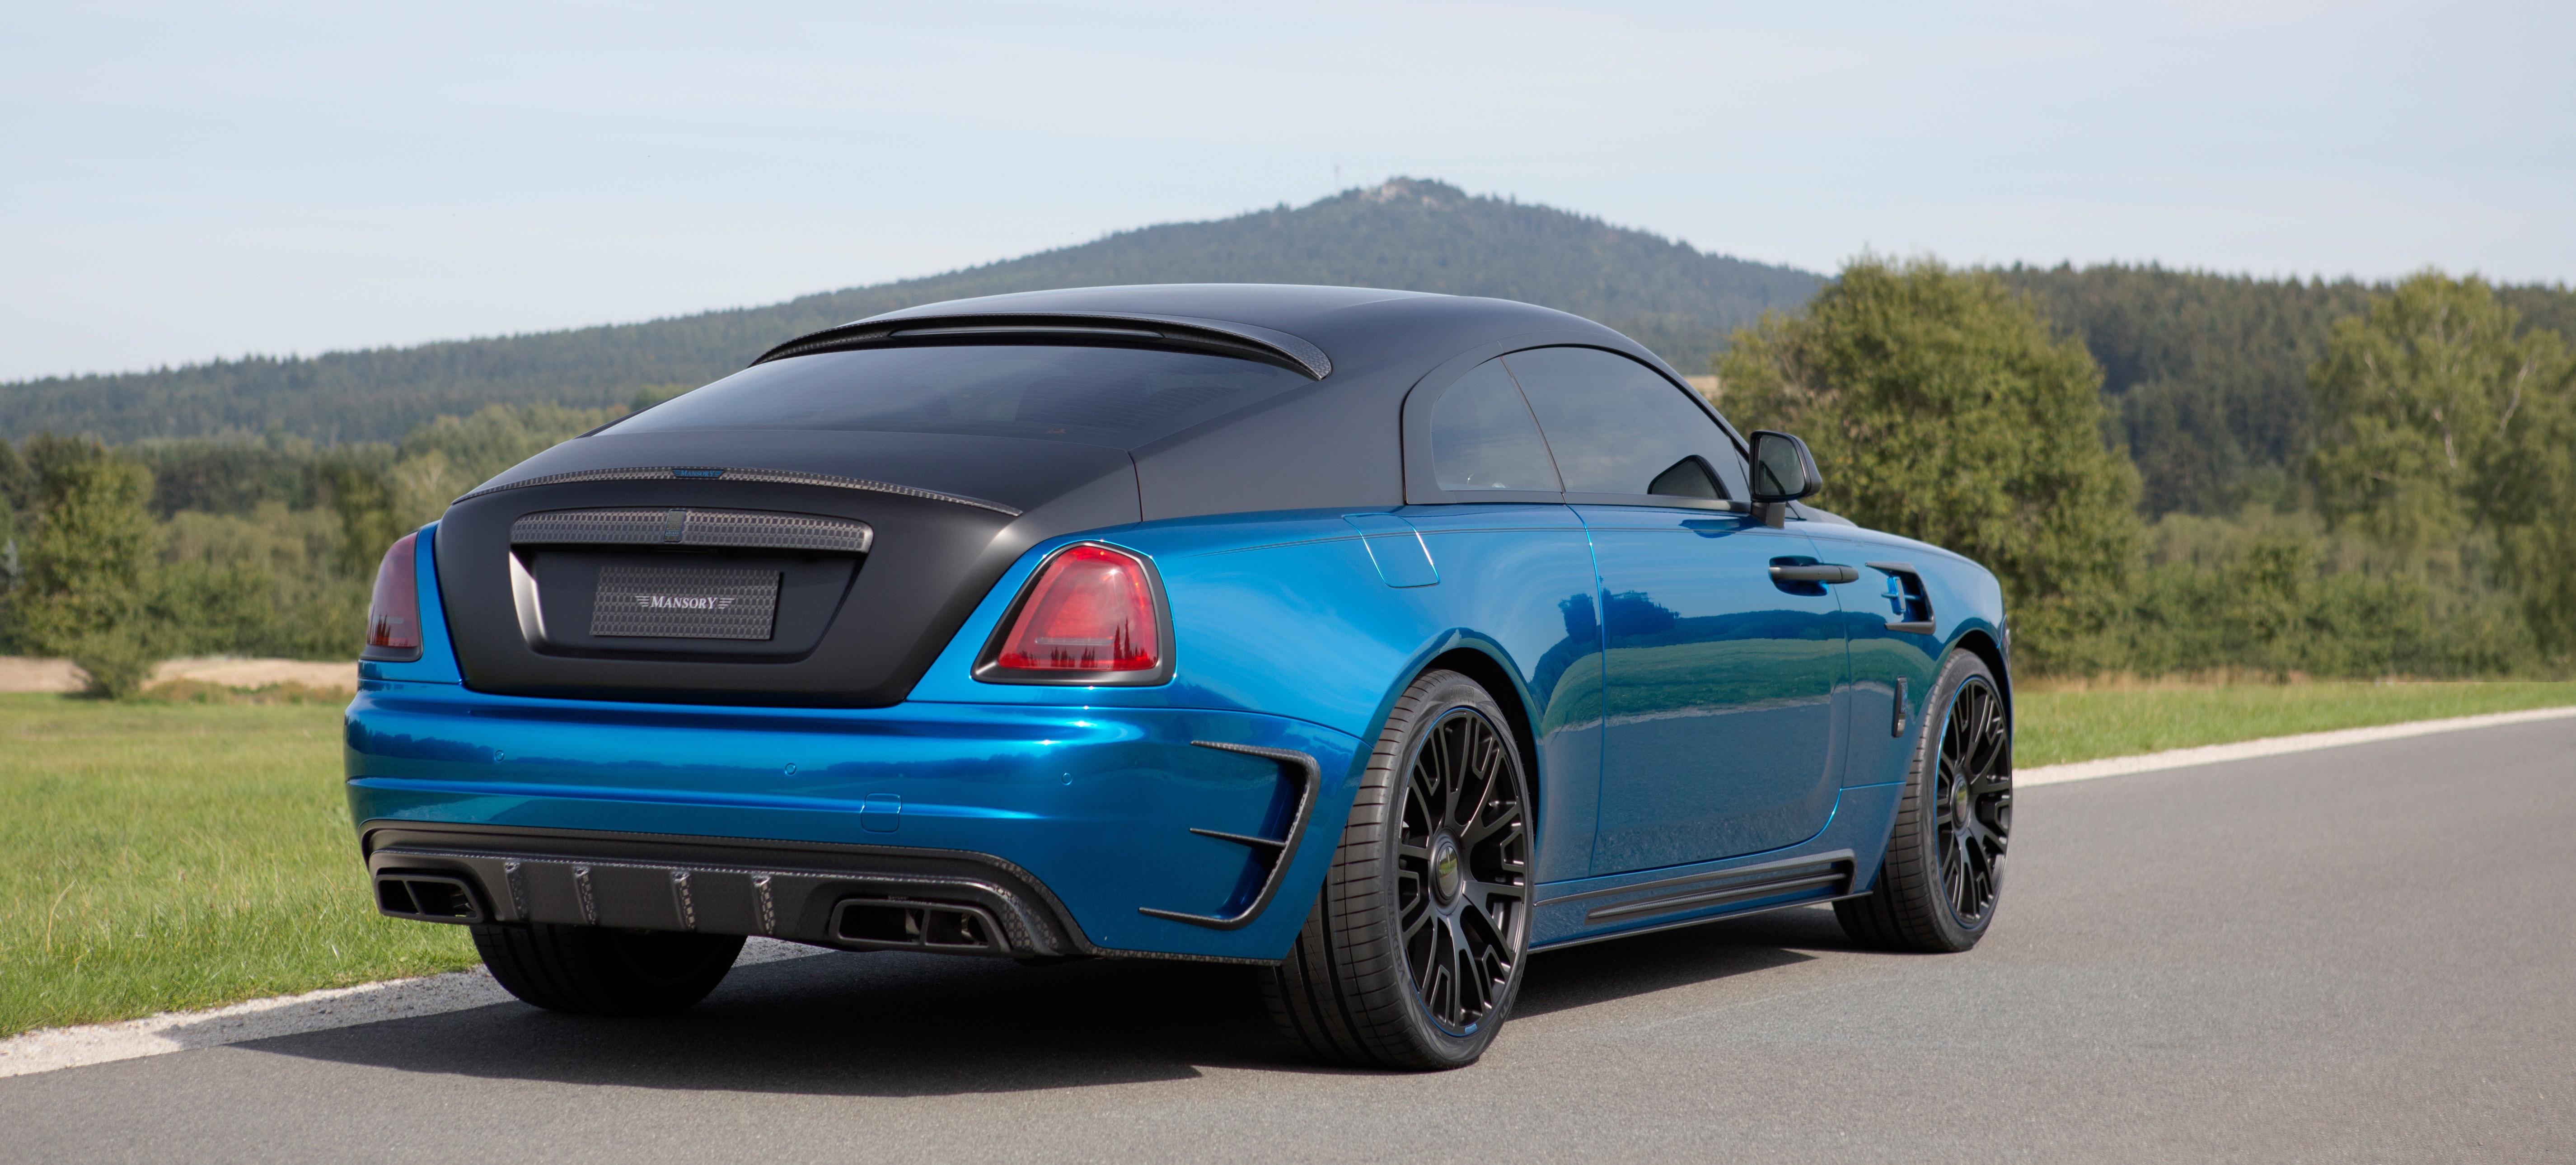 The Wraith Car >> Wraith Bleurion Mansory